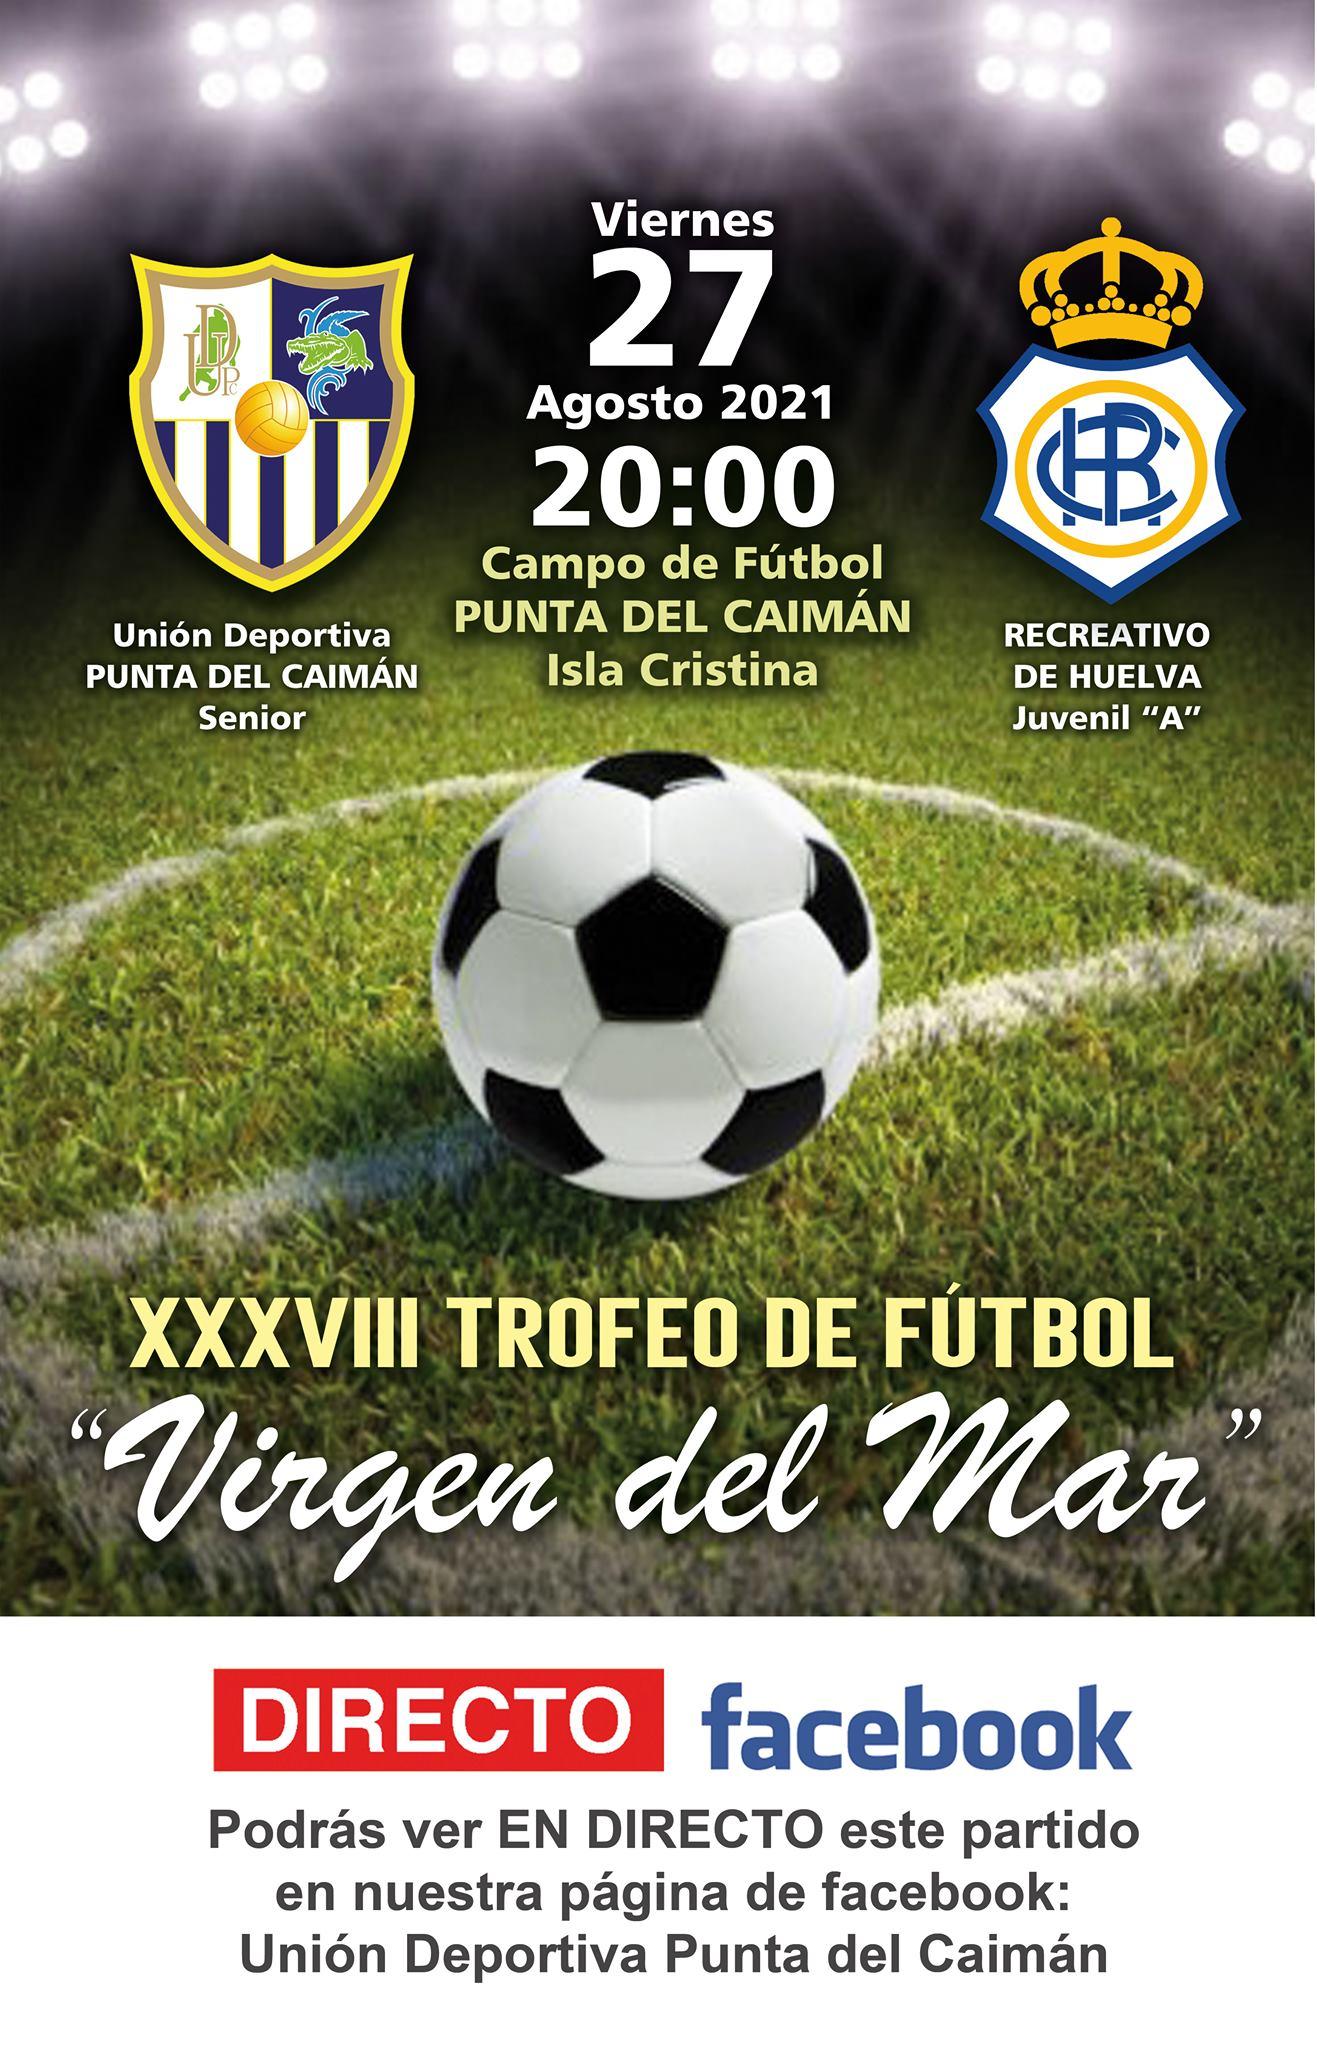 El Recre Juvenil y el Punta del Caimán se juegan el XXXVIII Trofeo de Fútbol «Virgen del Mar»